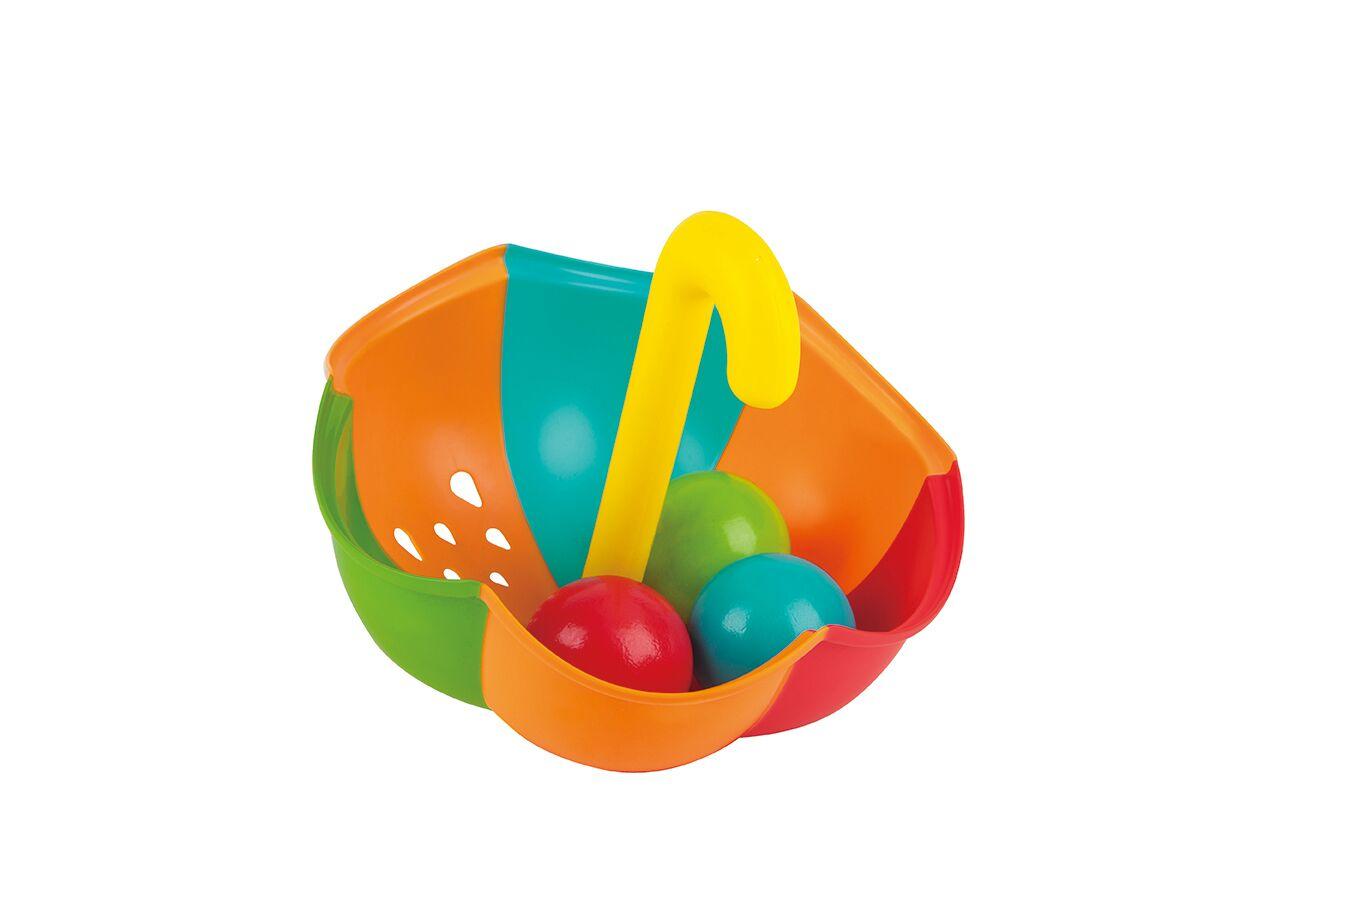 Hape – Hape bath rainy day fun set badelegetøj, 6 stk. på lager på pixizoo